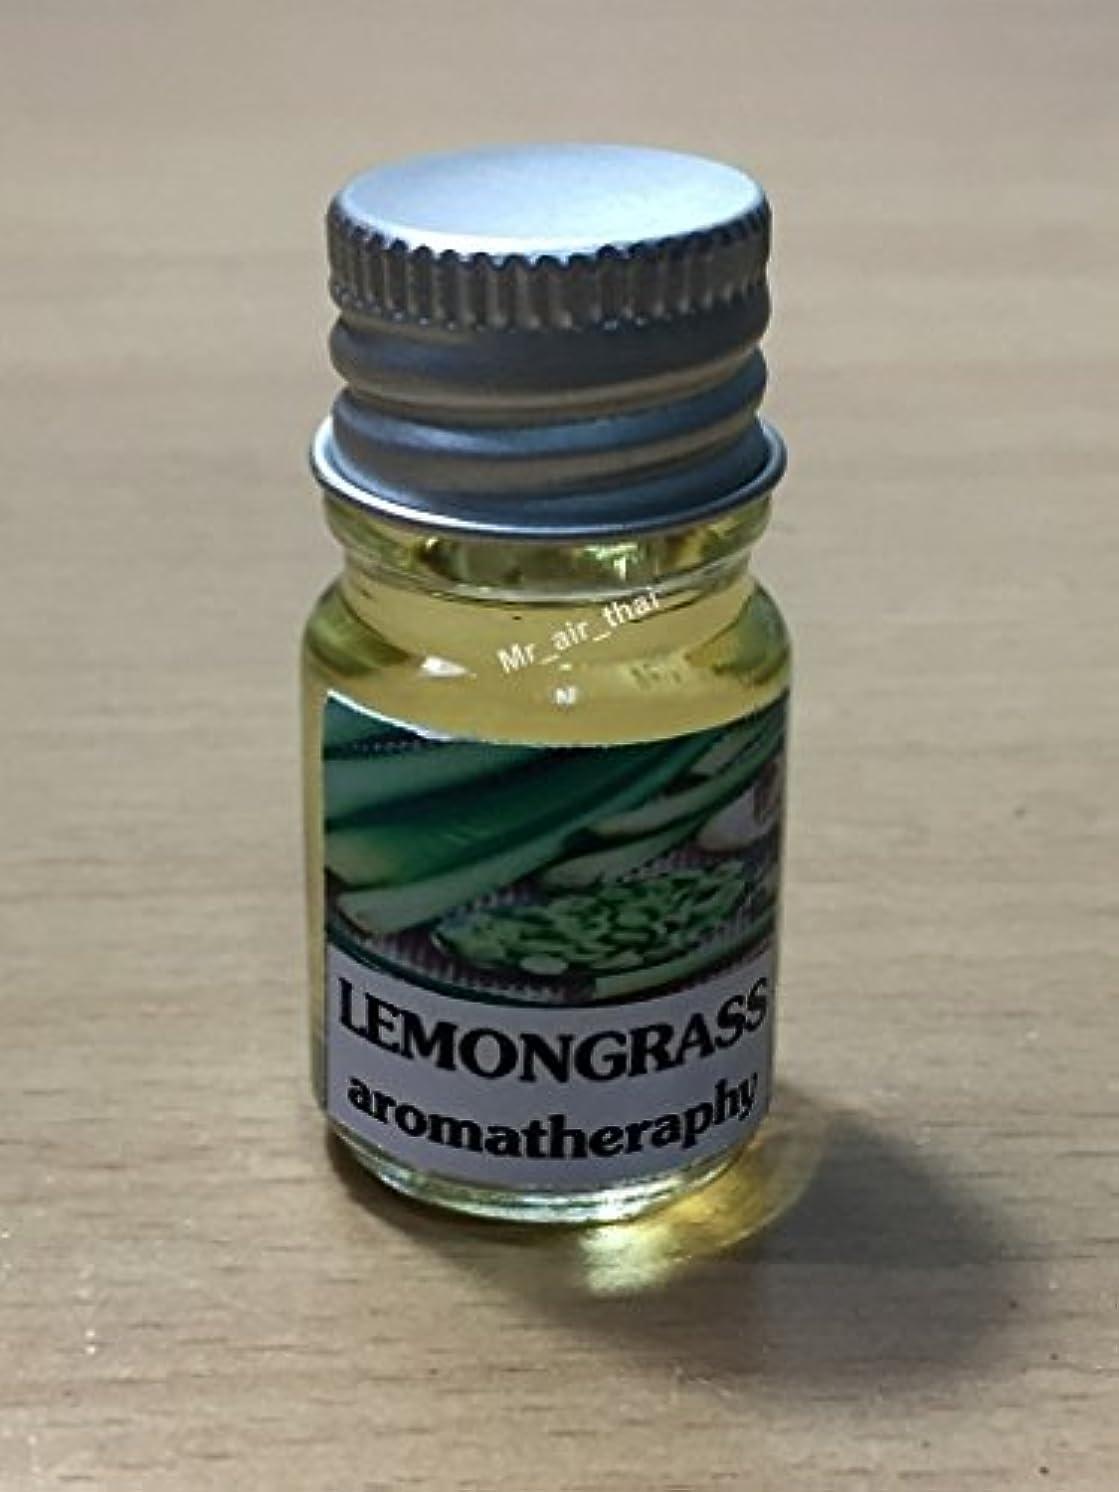 計画風が強いジャンク5ミリリットルアロマレモングラスフランクインセンスエッセンシャルオイルボトルアロマテラピーオイル自然自然5ml Aroma Lemongrass Frankincense Essential Oil Bottles Aromatherapy...